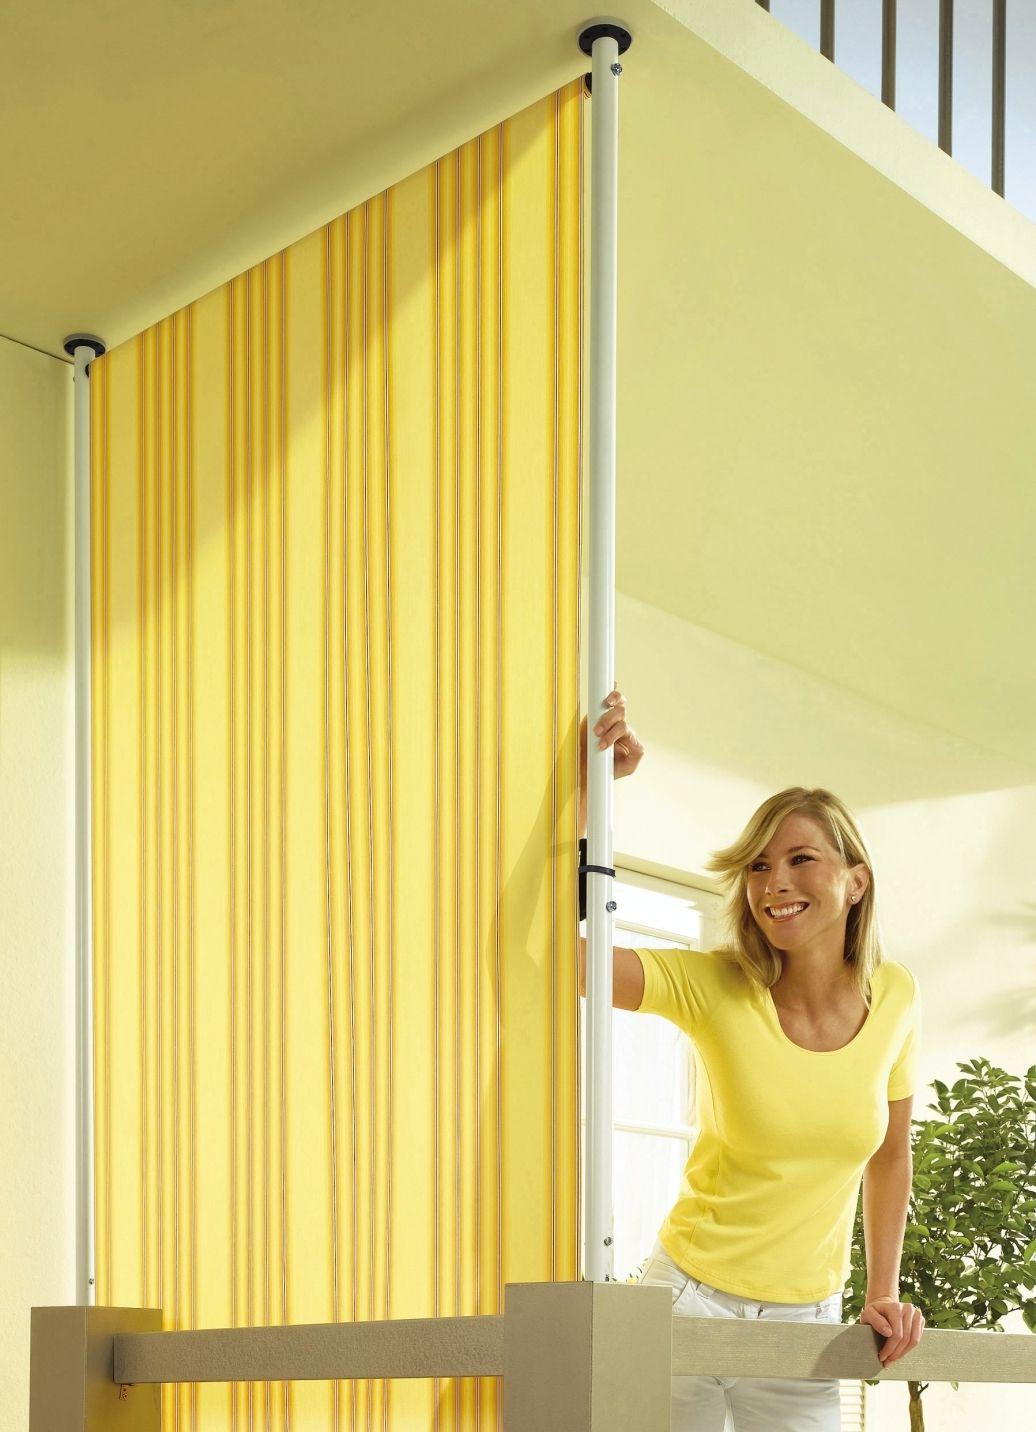 Verkleiden Sie Ihren Balkon 27 Ideen für Balkonumrandung